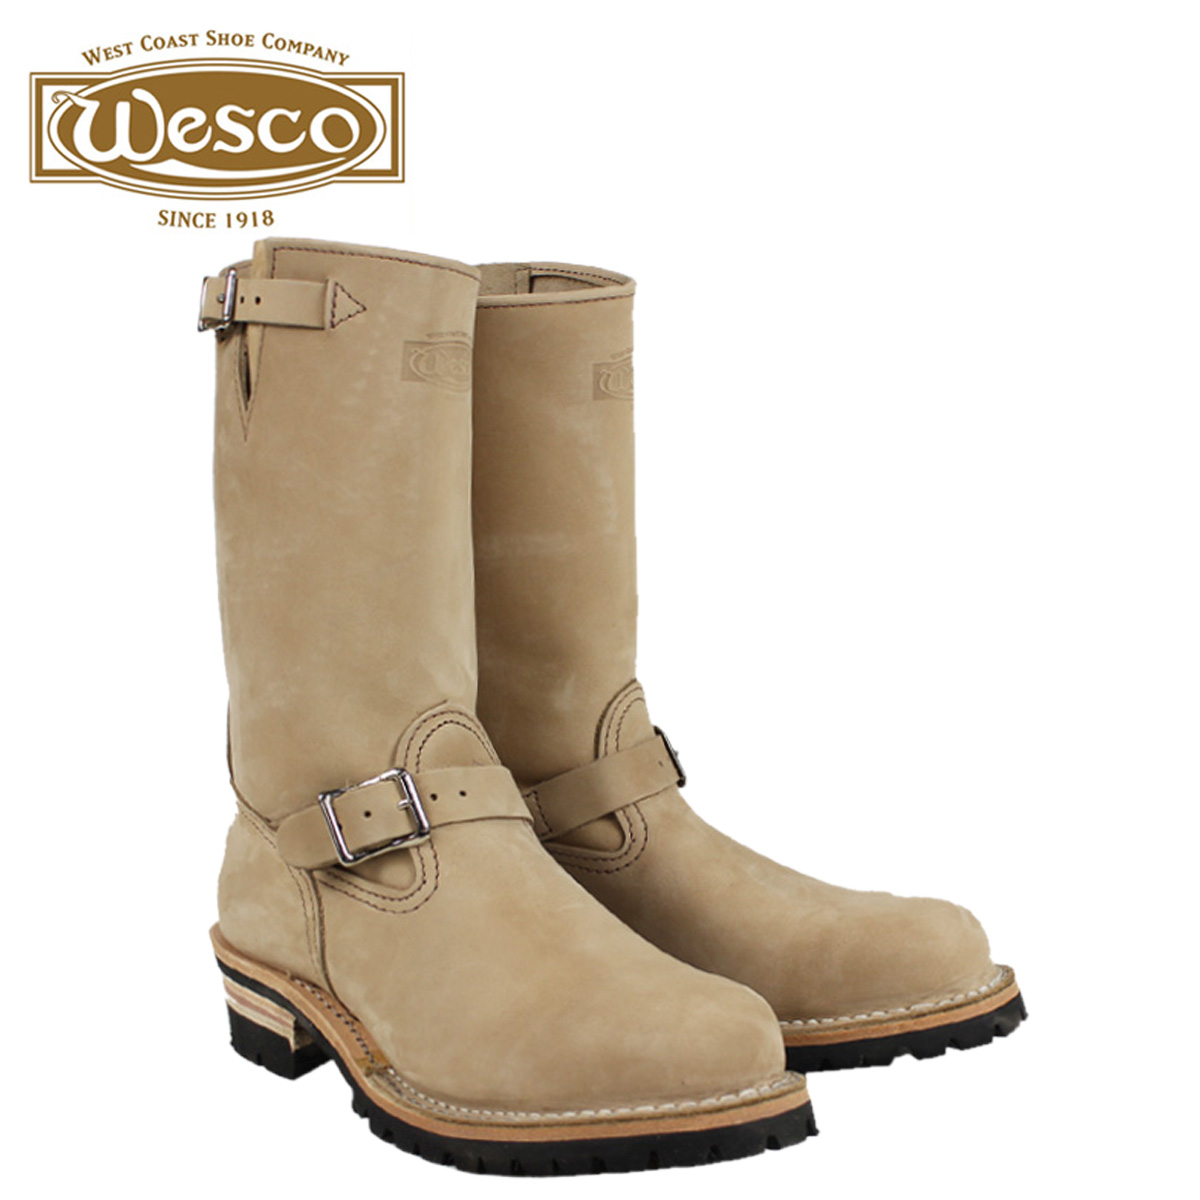 【最大2000円OFFクーポン】 ウエスコ ジョブマスター WESCO ブーツ 11インチ エンジニア 11INCH THE BOSS STEEL TOE Eワイズ レザー バーラップ BE7700100 ウェスコ メンズ